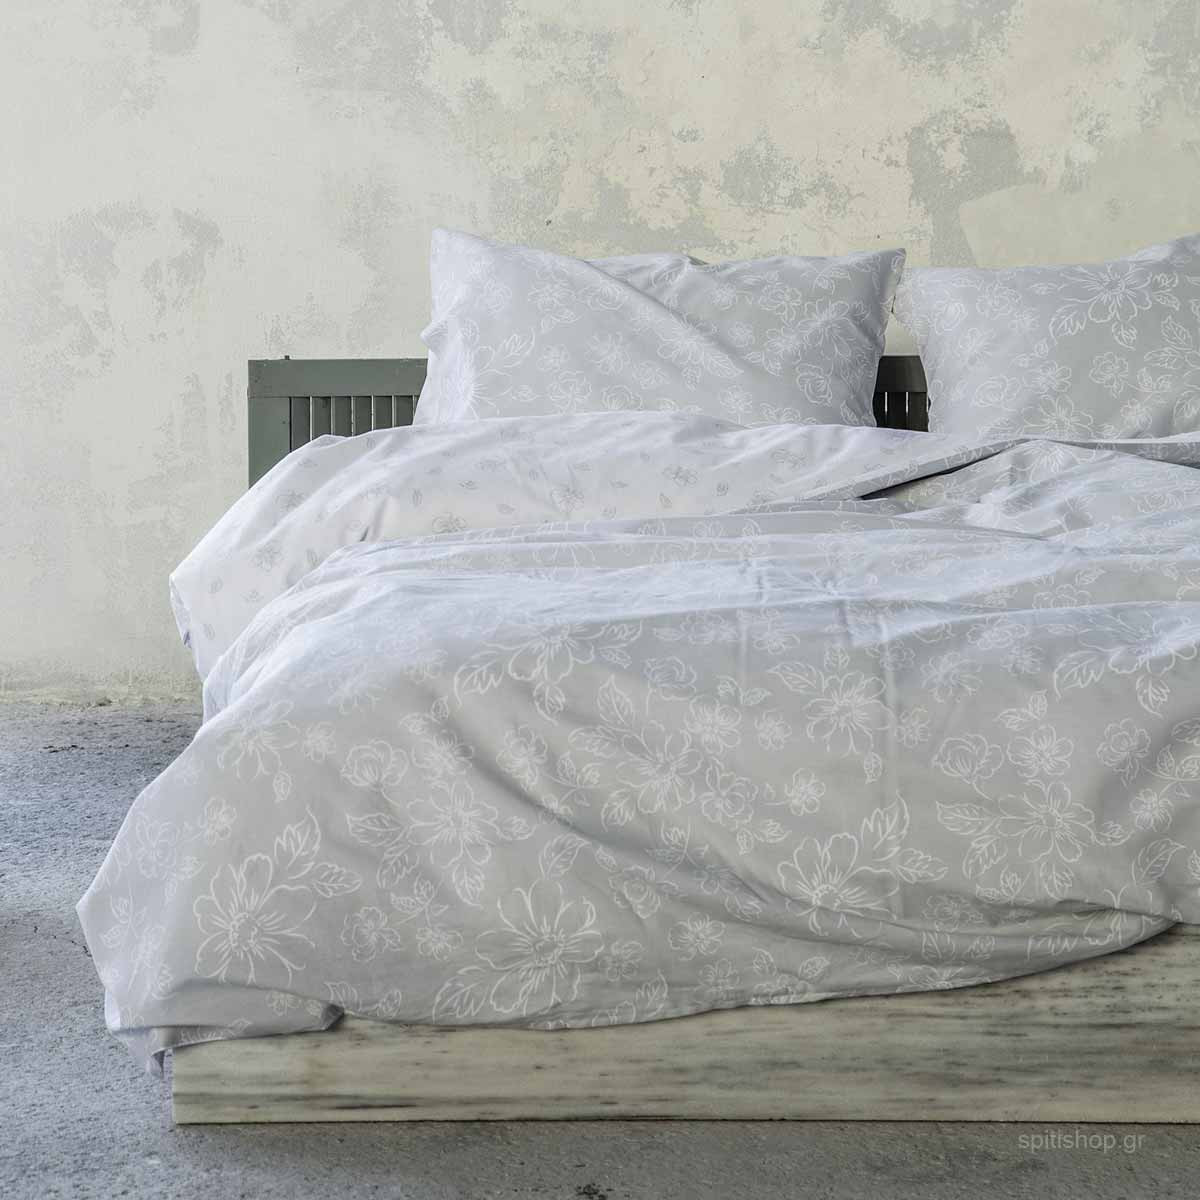 Σεντόνια Μονά (Σετ) Nima Bed Linen Defile Grey ΧΩΡΙΣ ΛΑΣΤΙΧΟ ΧΩΡΙΣ ΛΑΣΤΙΧΟ